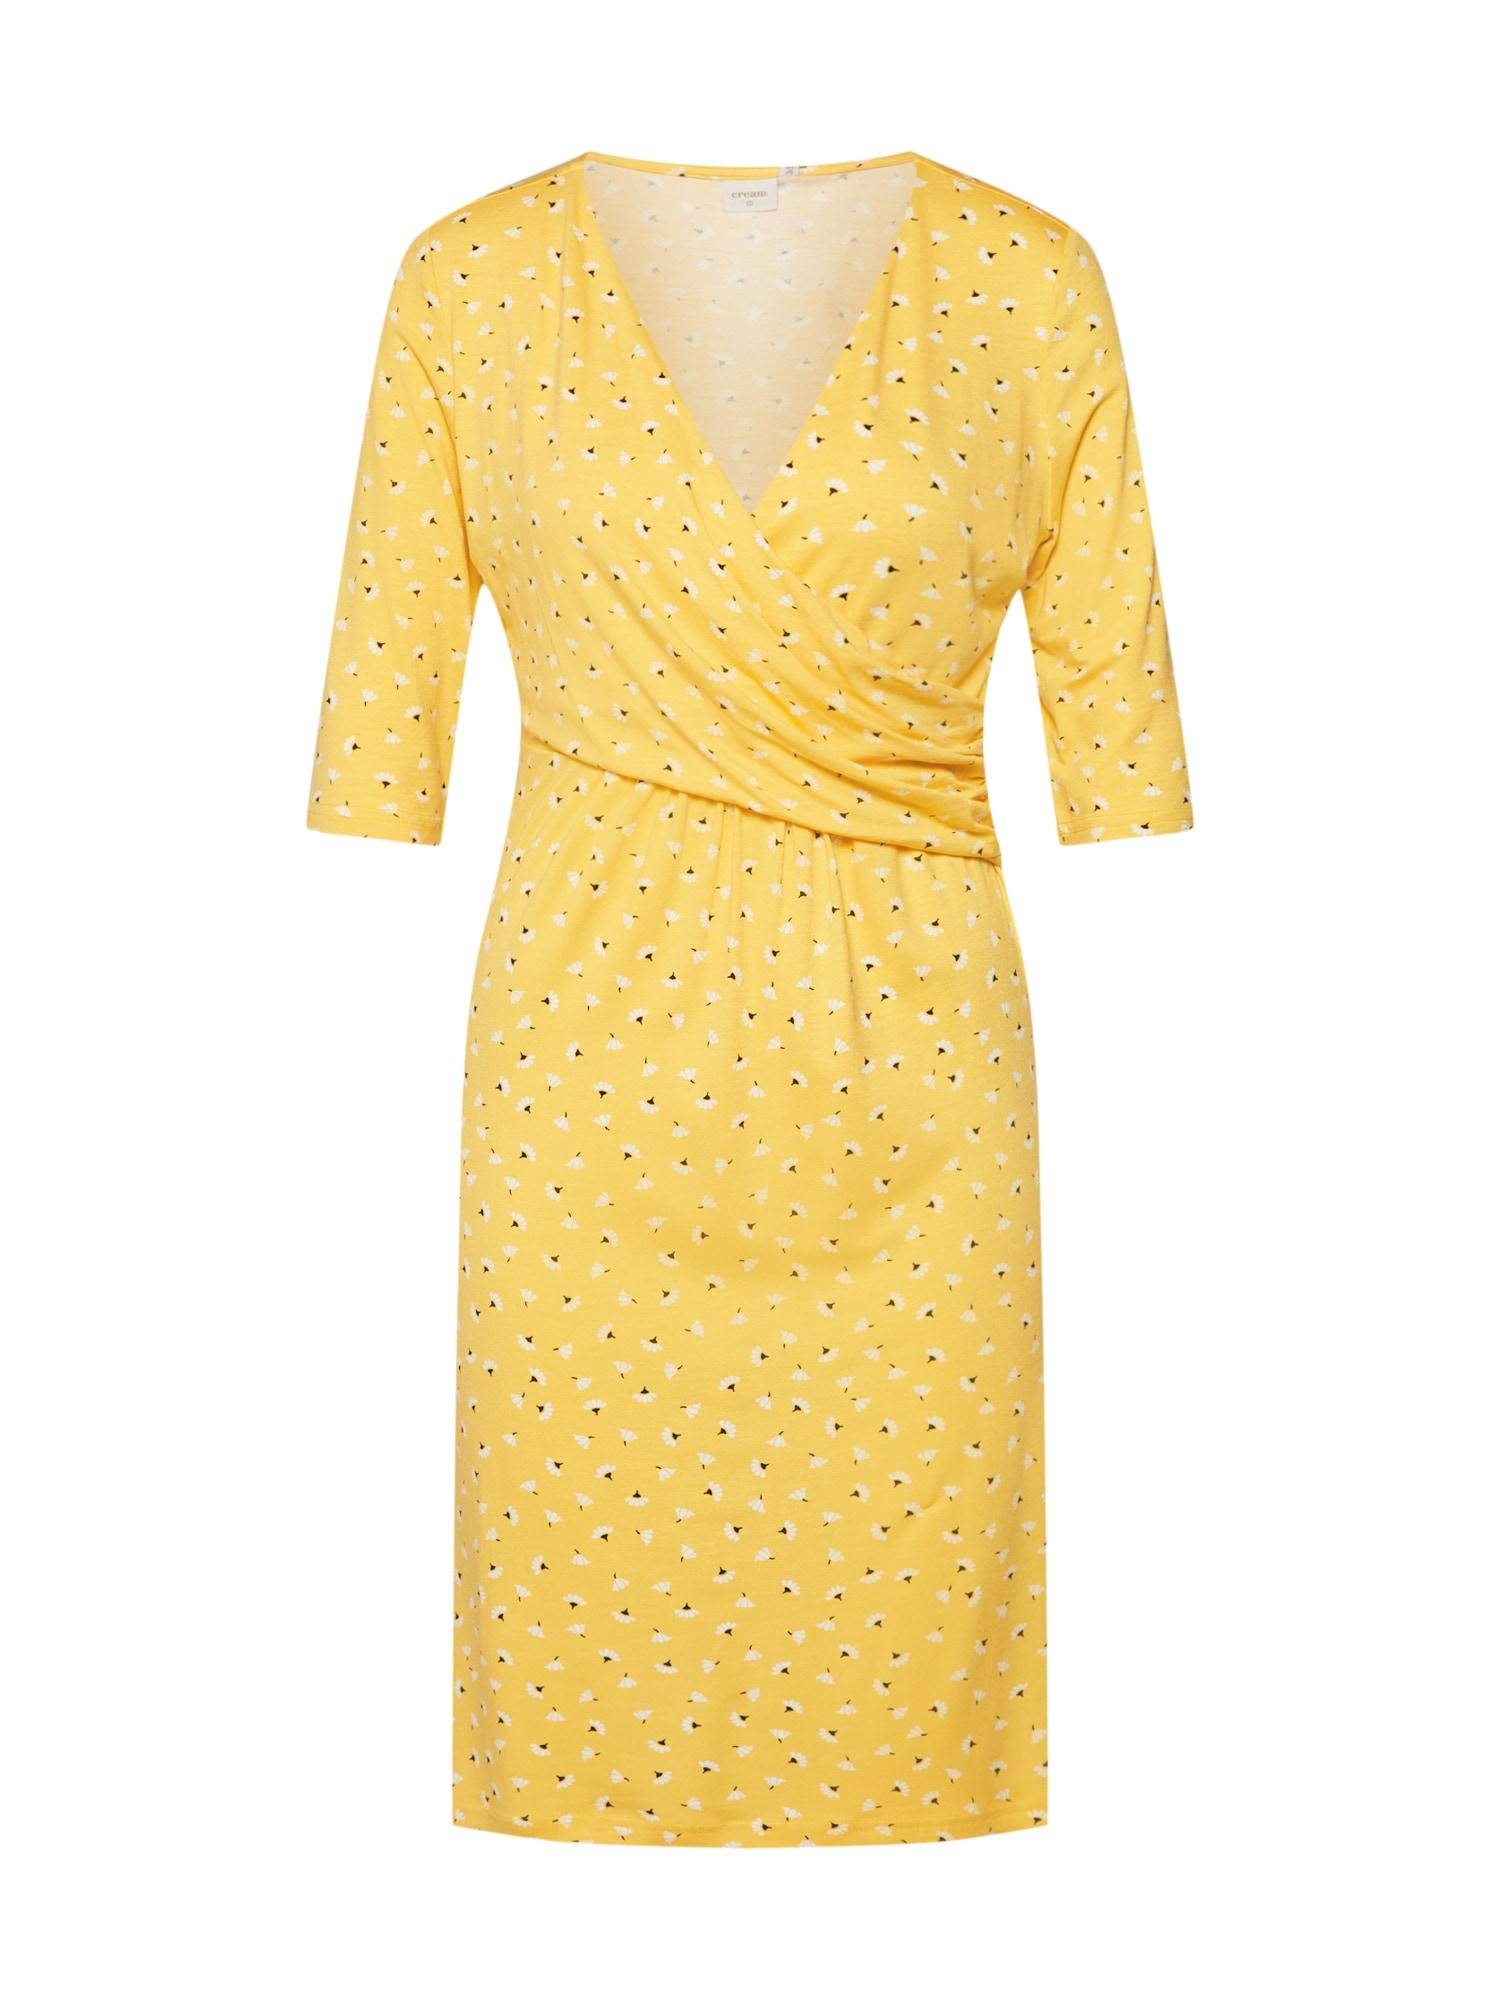 Šaty Alexa zlatě žlutá Cream